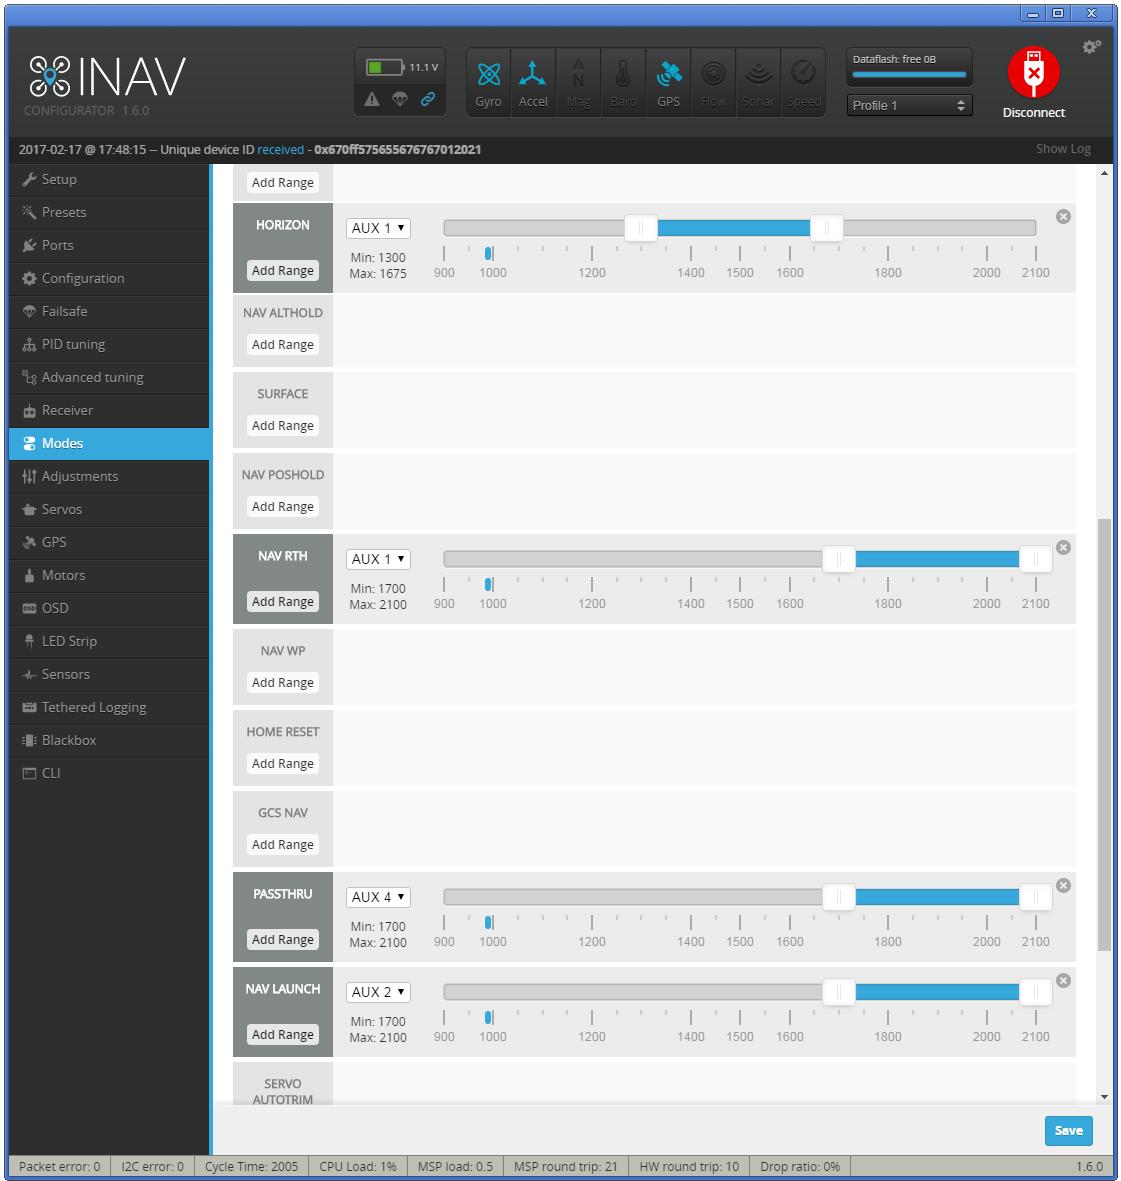 在CC3D飞控上烧写iNAV固件用于固定翼导航飞行